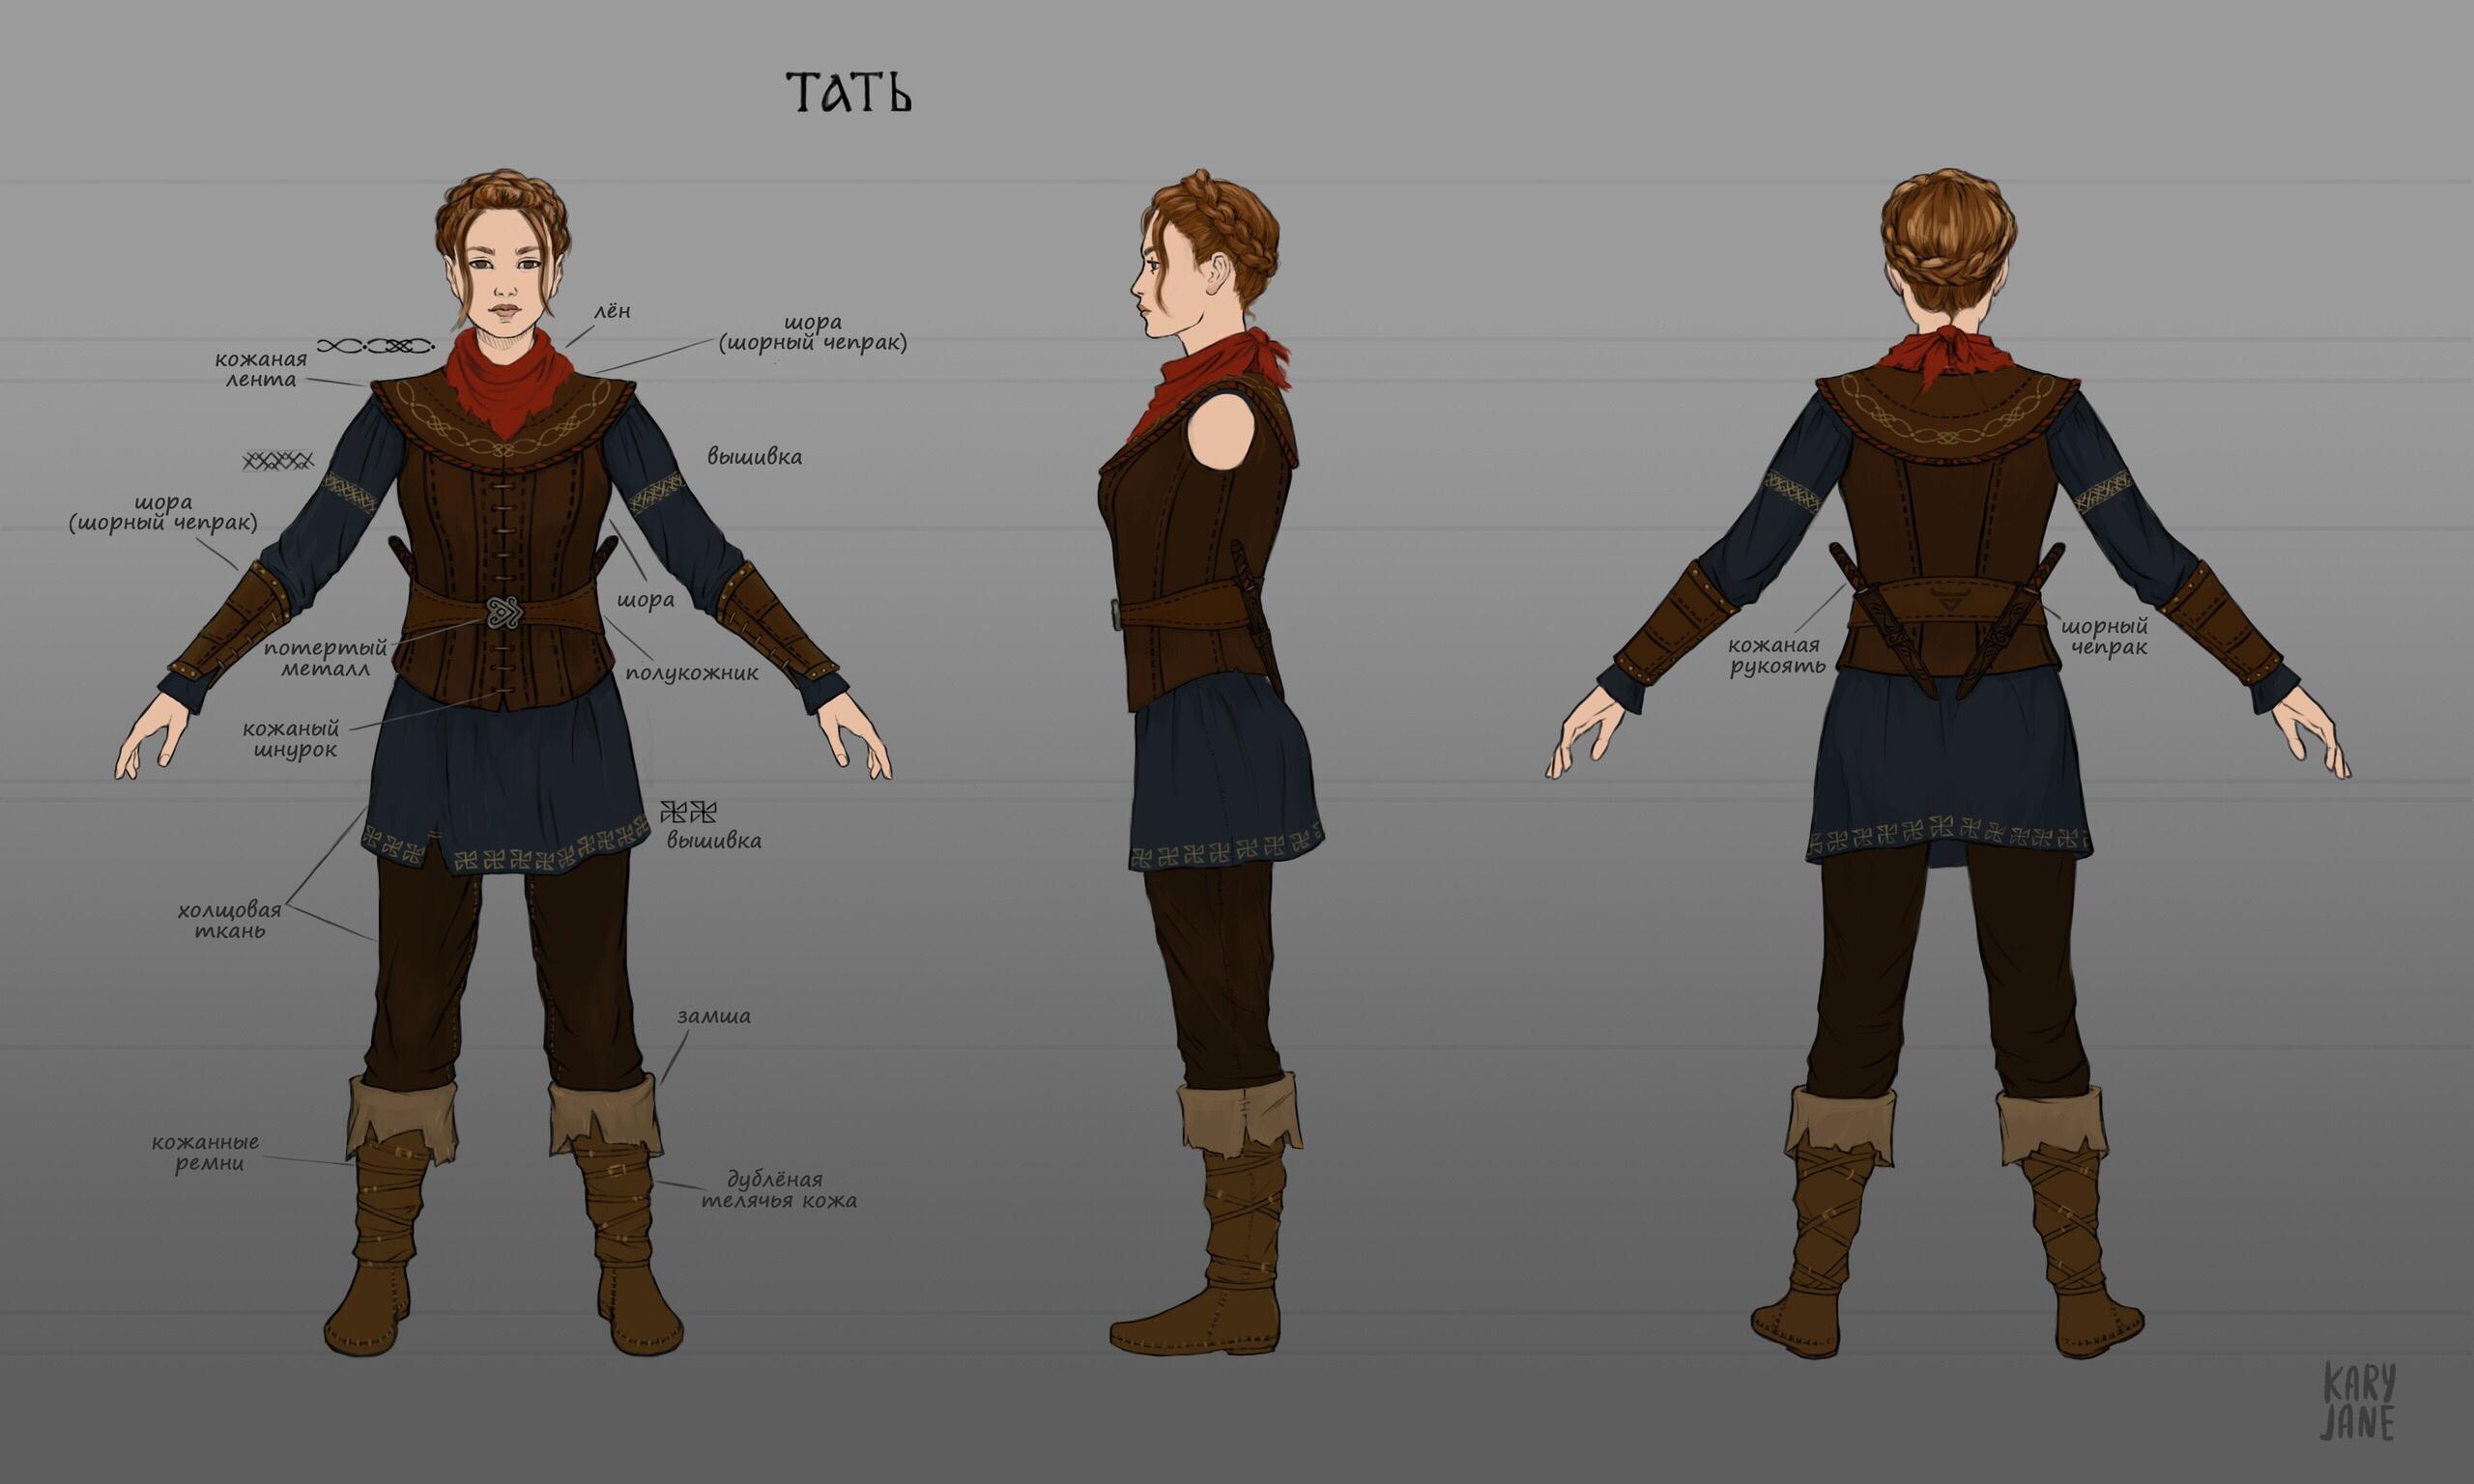 Тать (вор) | 3D художник, 3D аниматор